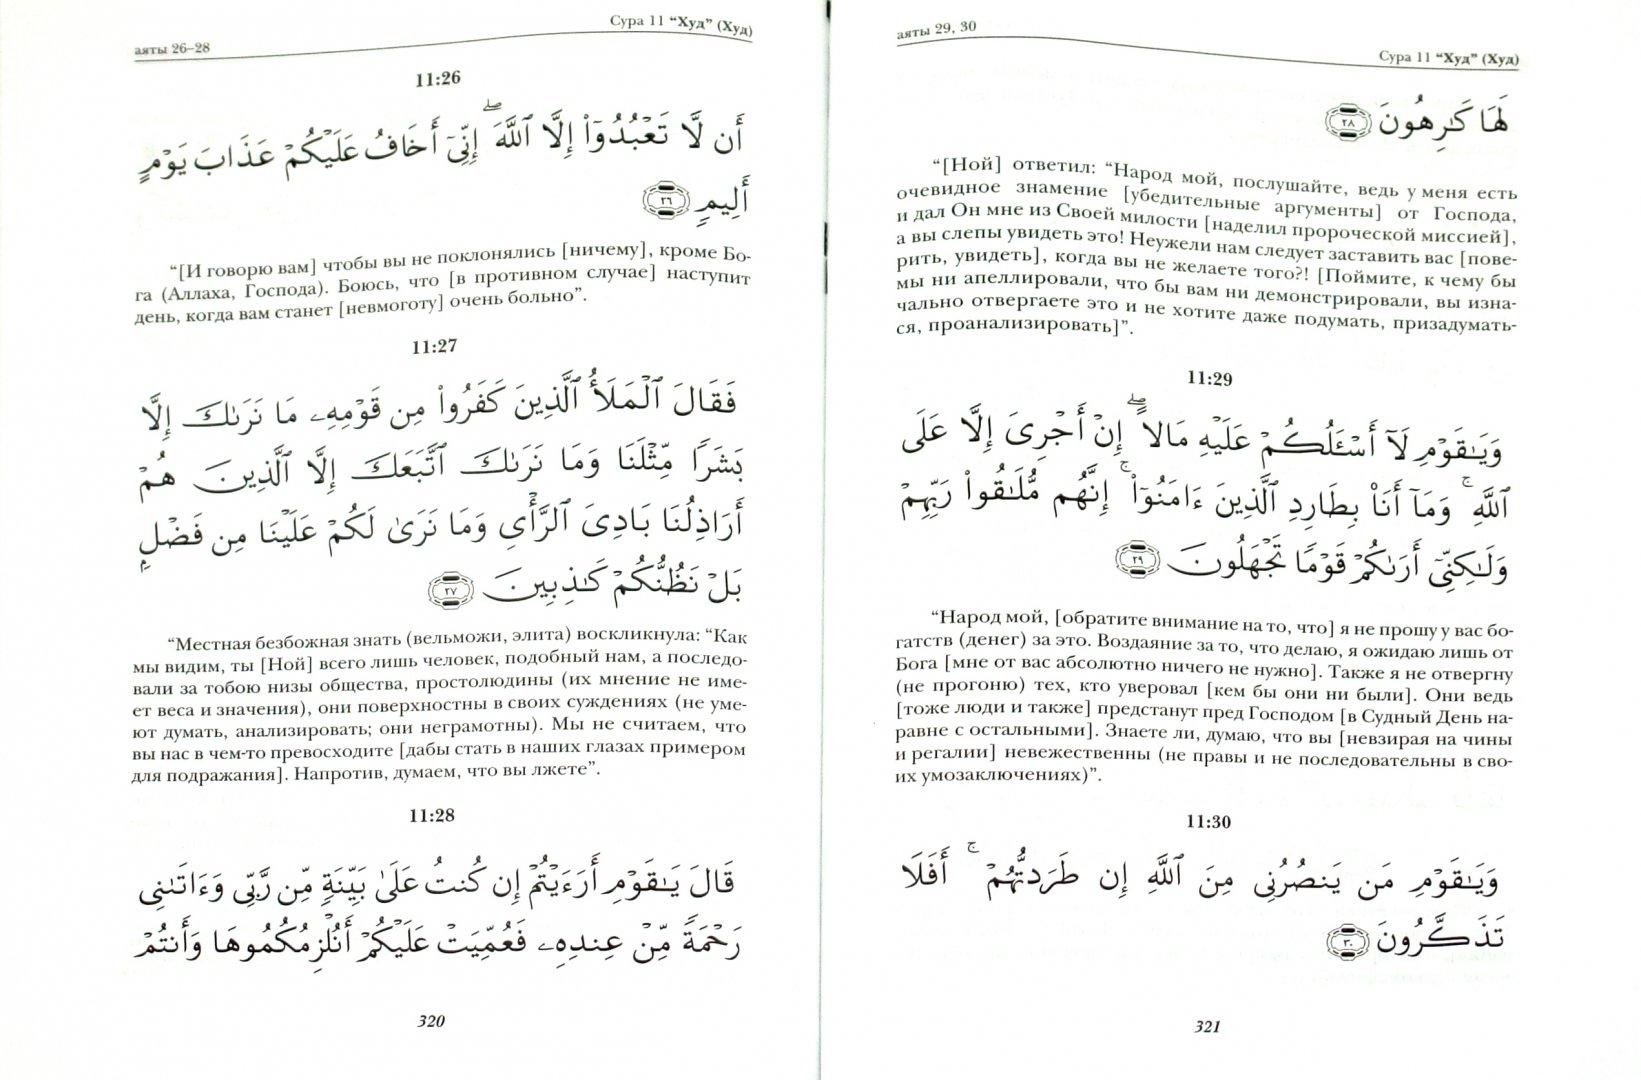 Иллюстрация 1 из 12 для Священный Коран. Смыслы. Том 2 - Шамиль Аляутдинов   Лабиринт - книги. Источник: Лабиринт